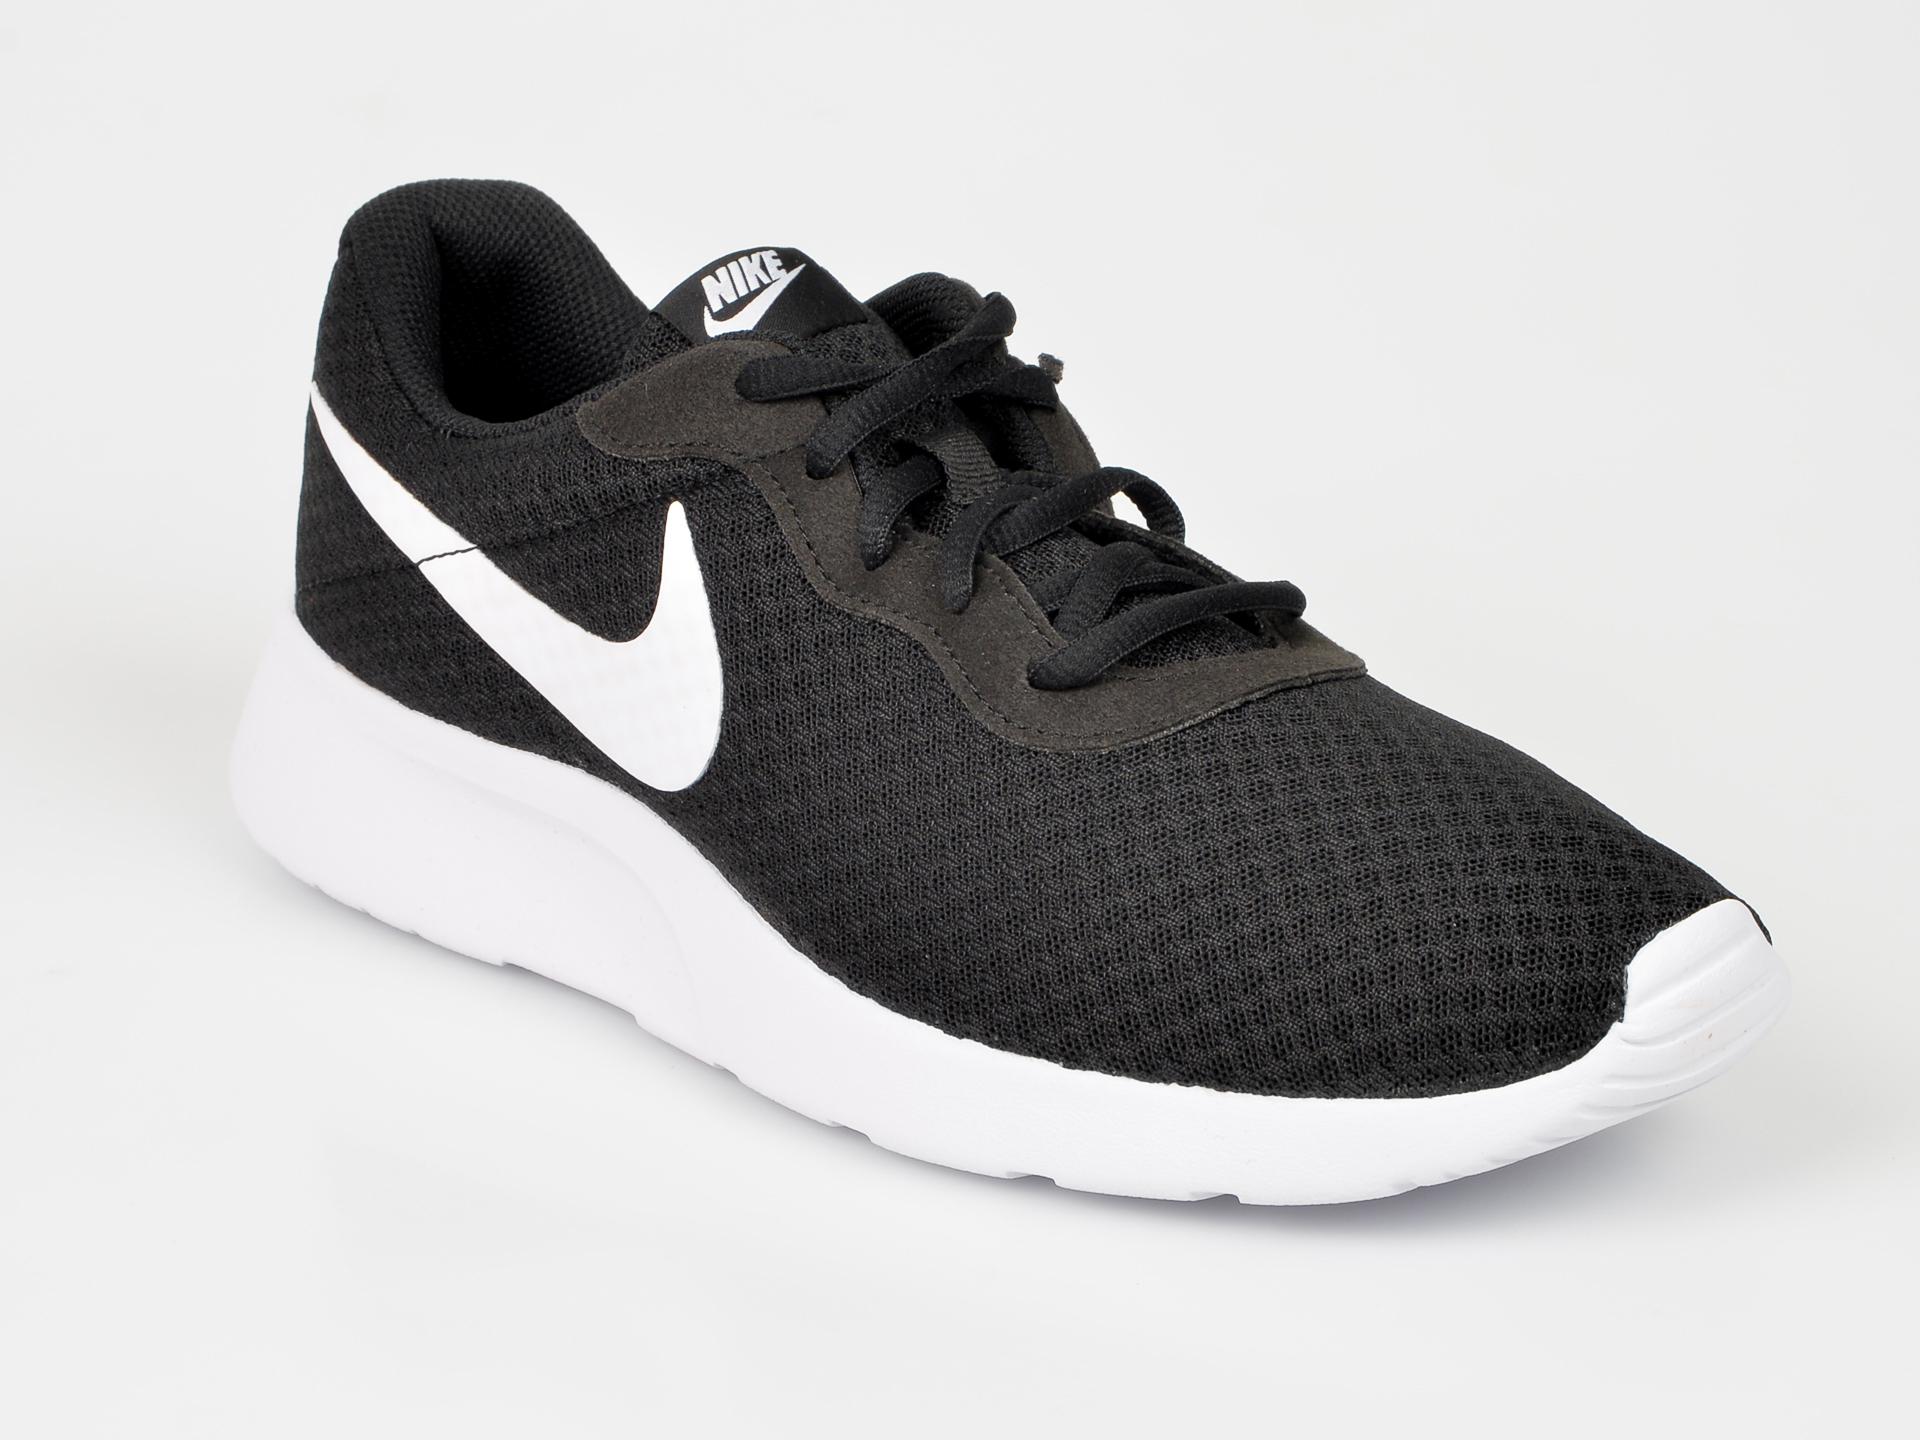 Pantofi sport NIKE negri, 812654, din piele ecologica